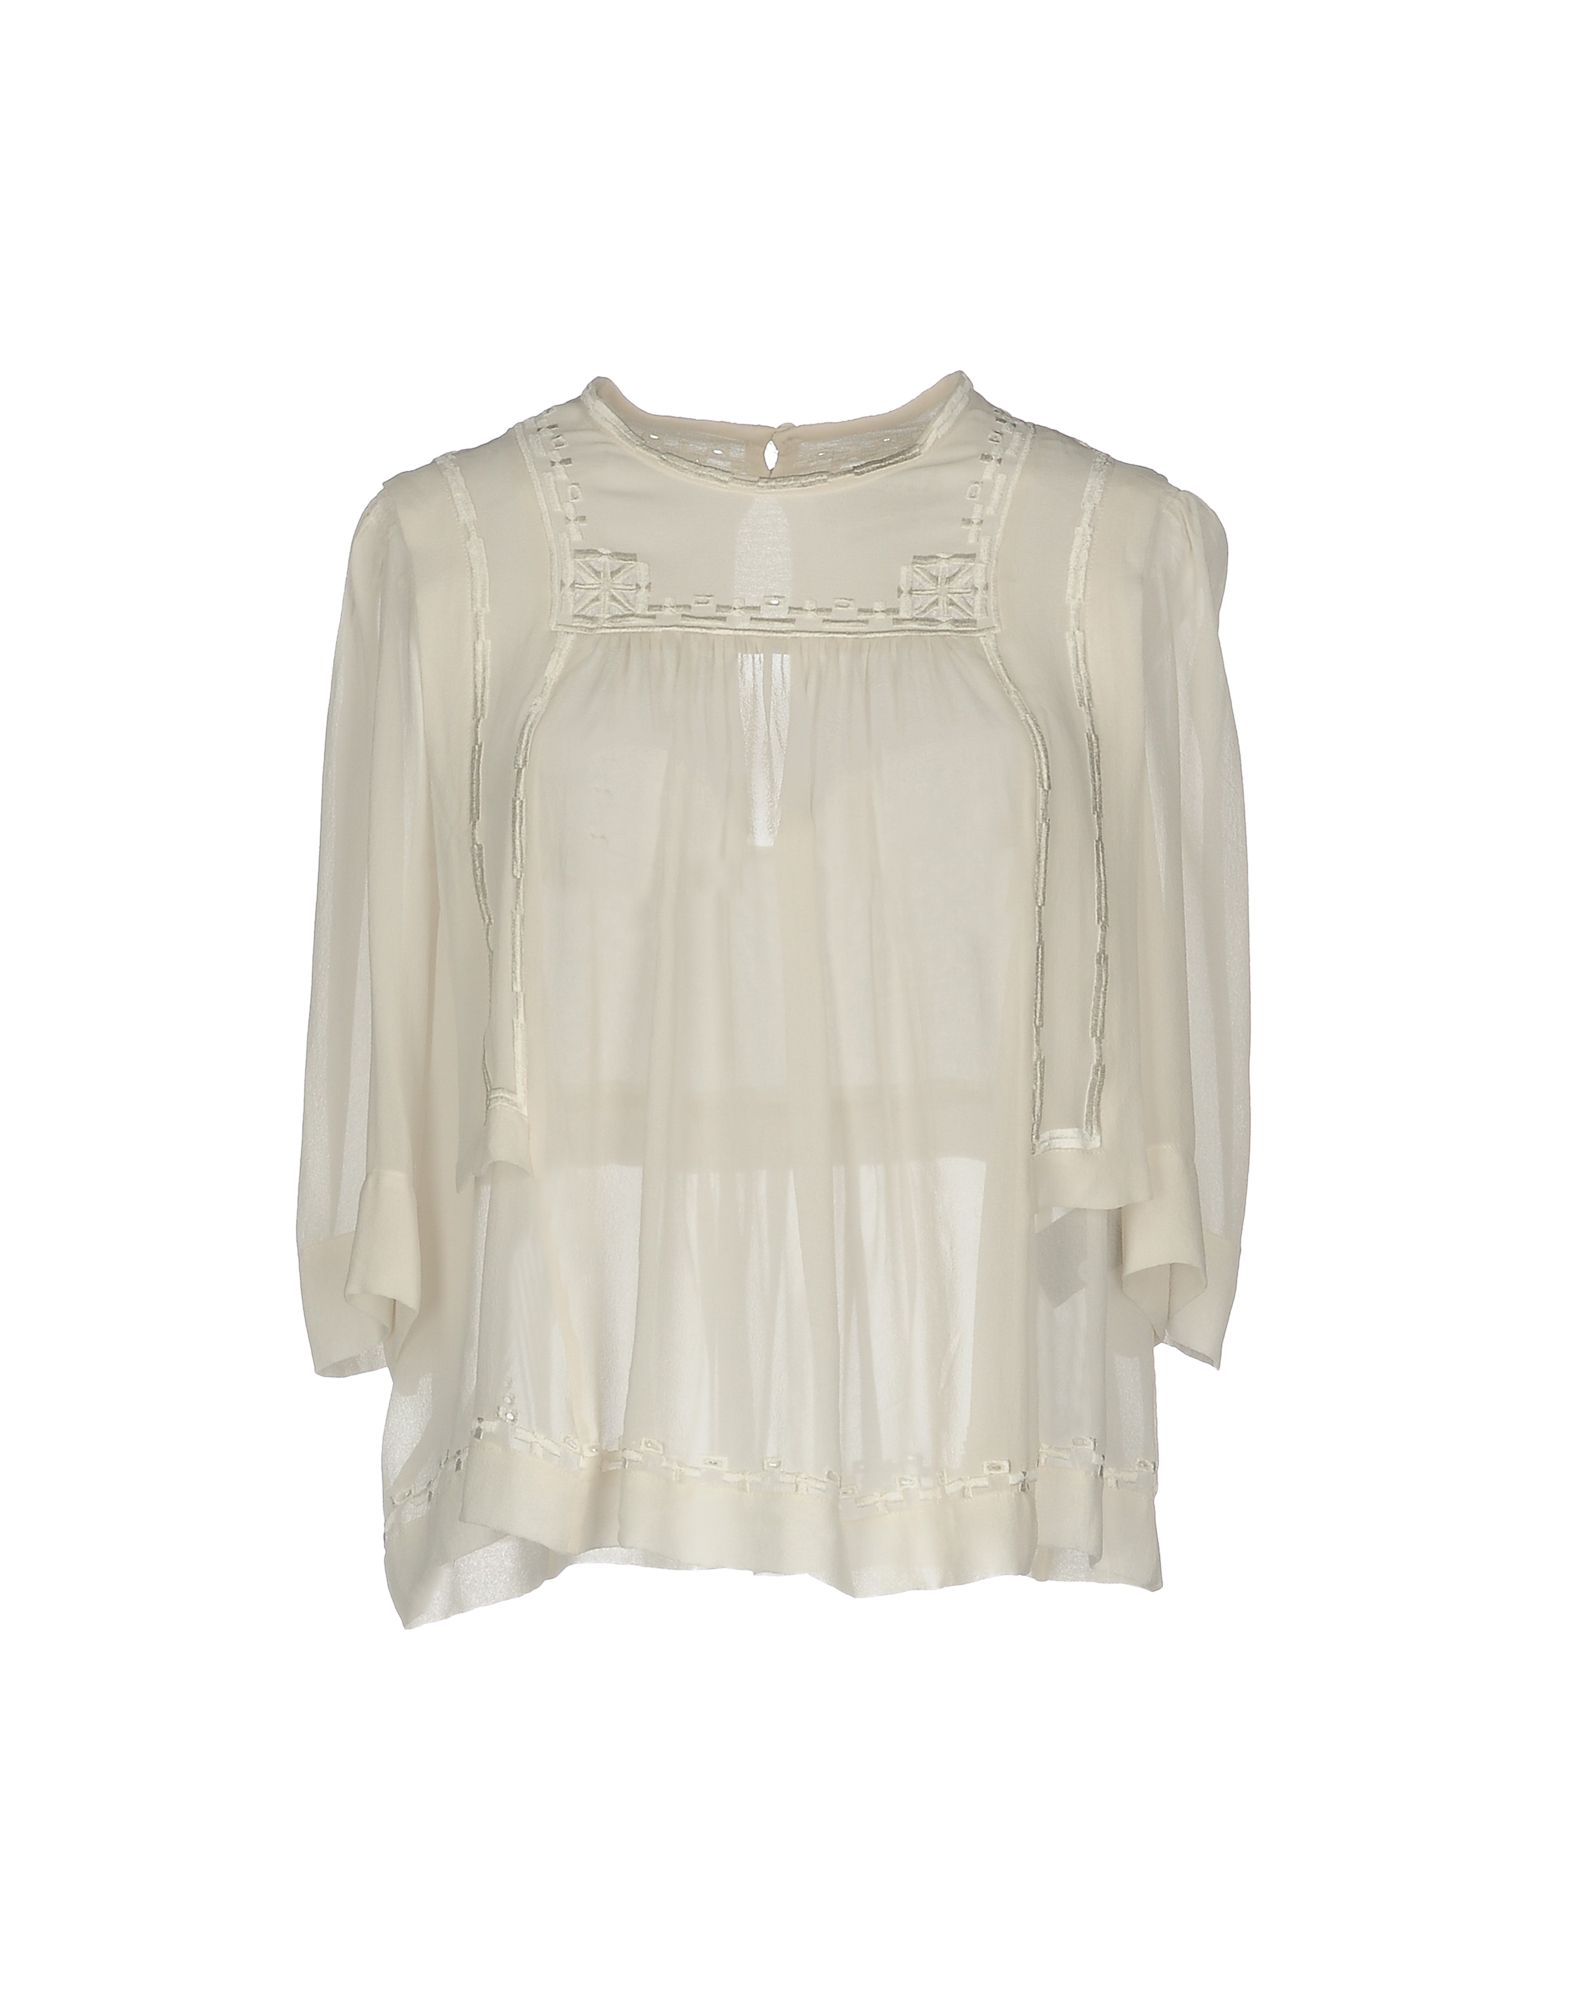 ISABEL MARANT Damen Bluse Farbe Weiß Größe 5